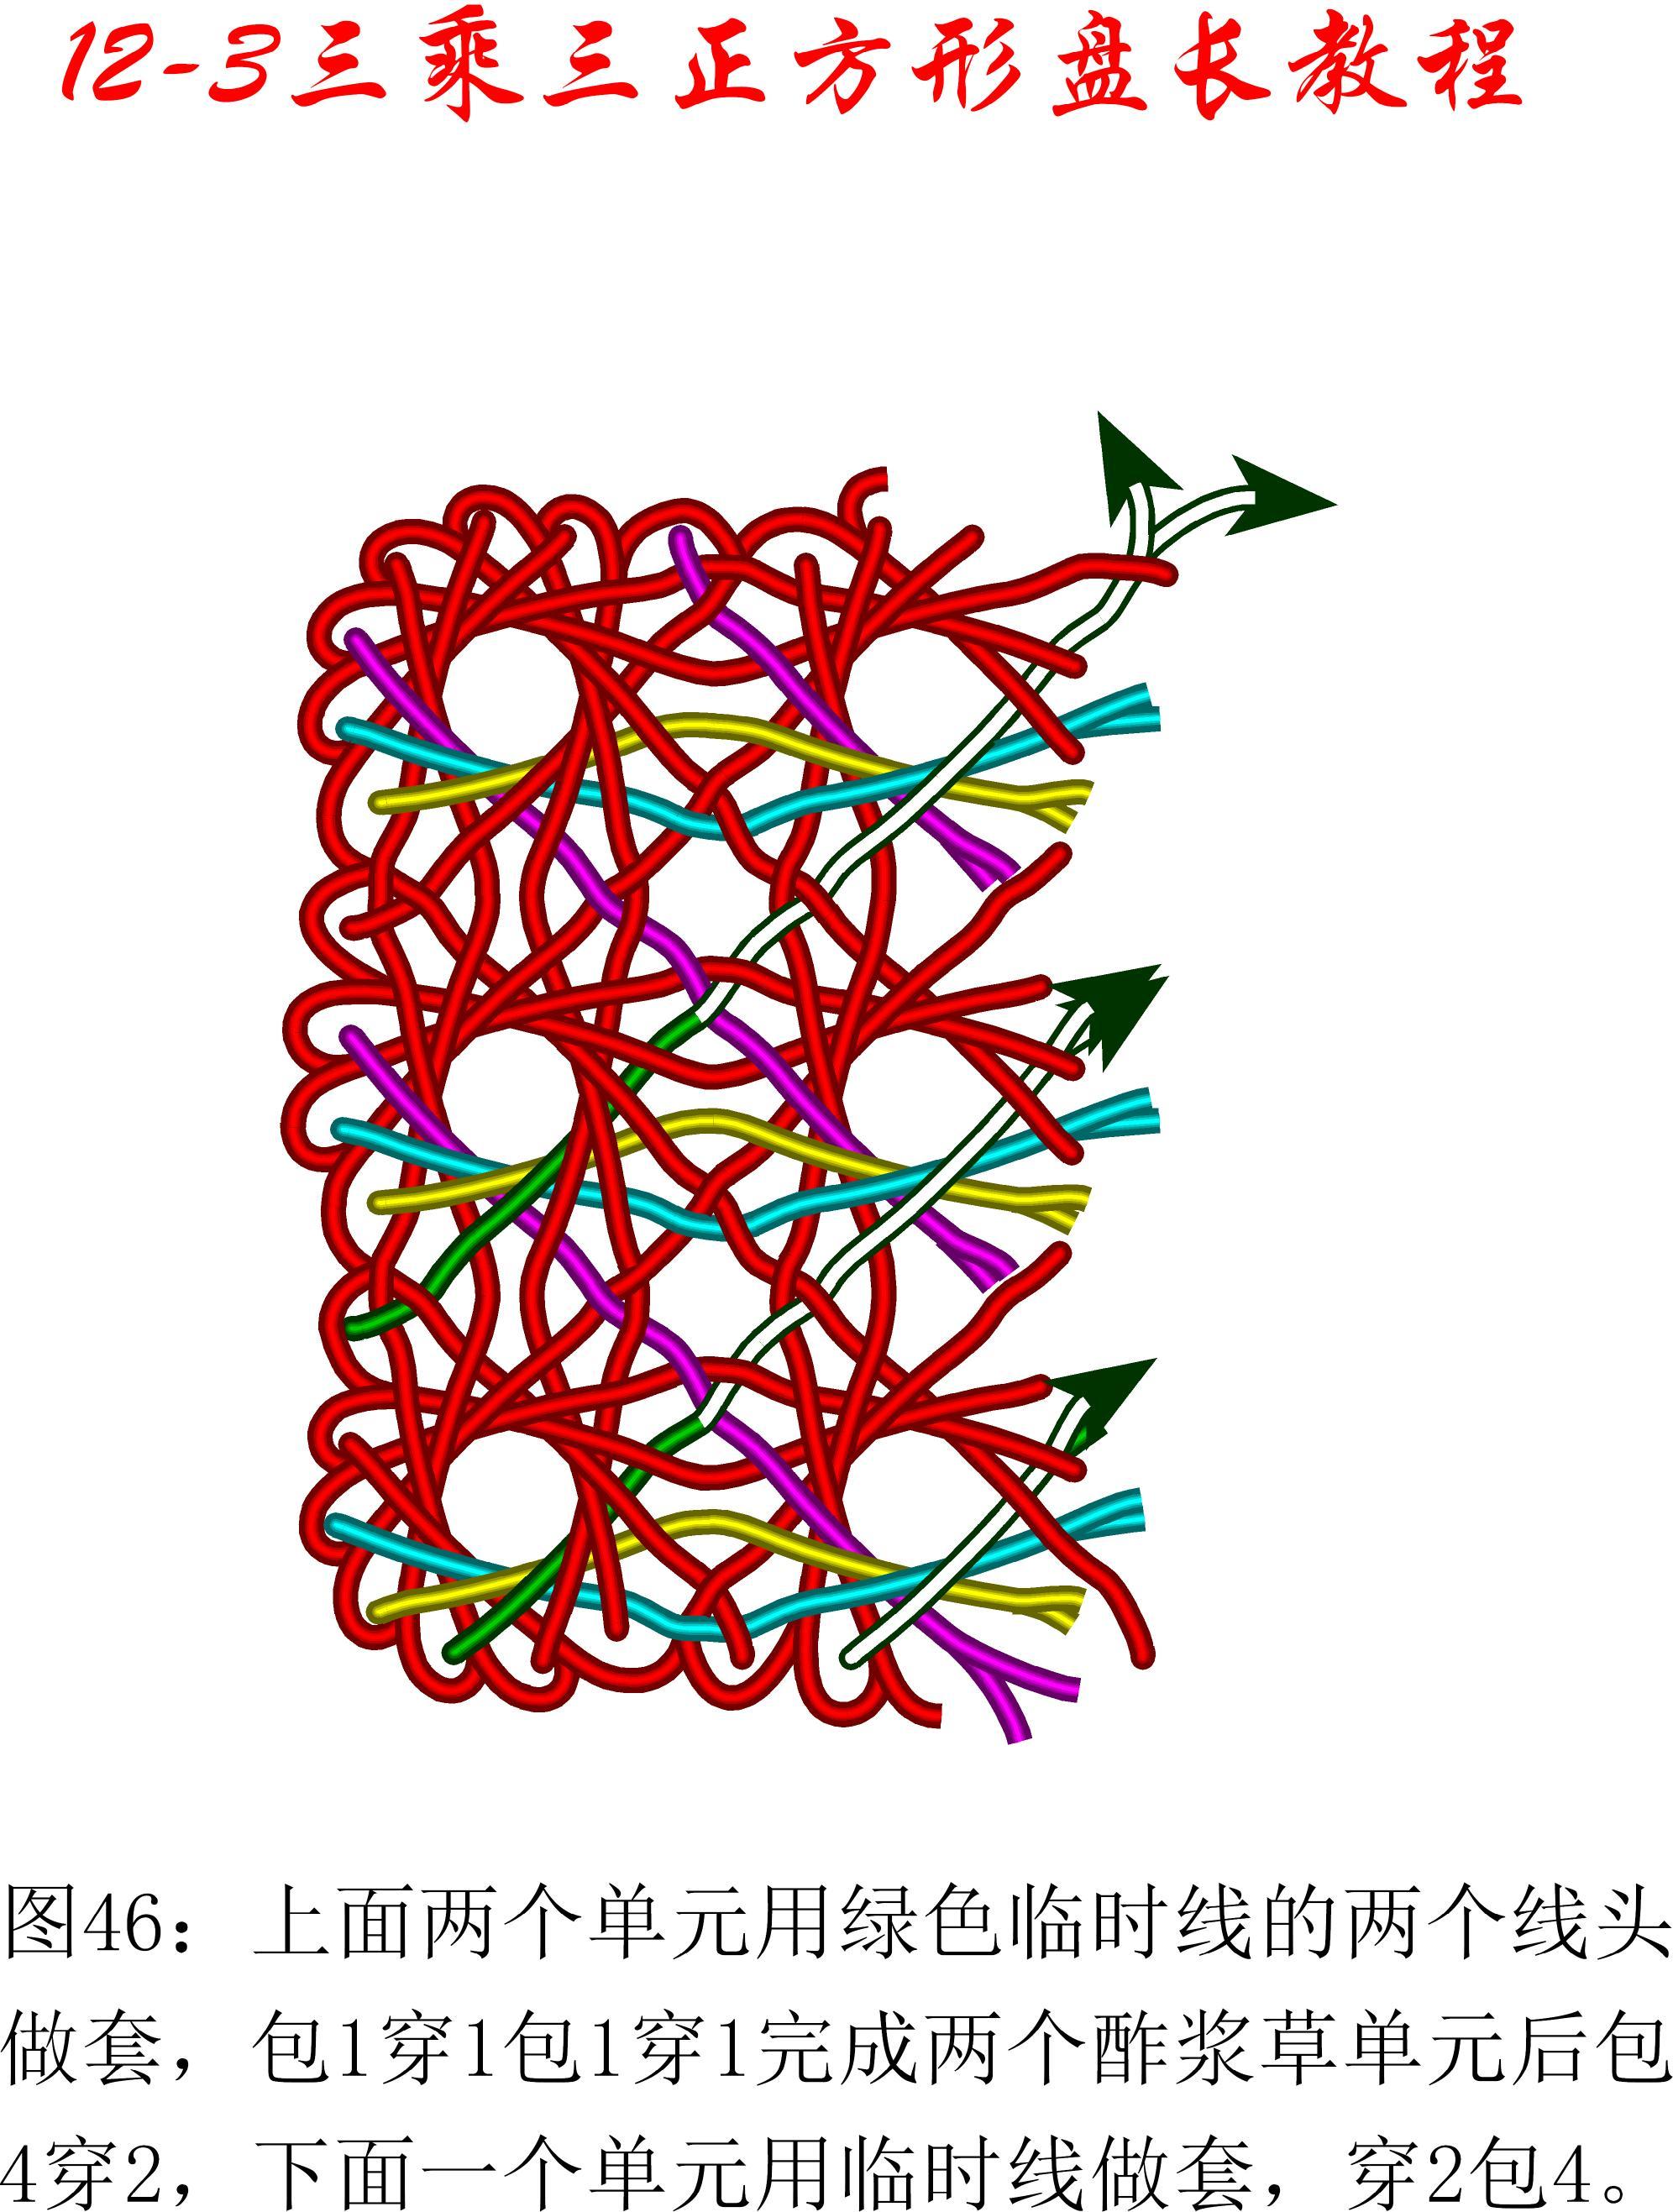 中国结论坛 12-3盘长平行扩展方法---3乘3方形盘长 方形,方形脸怎么办 丑丑徒手编结 093113c1eoky01mzwowsmt